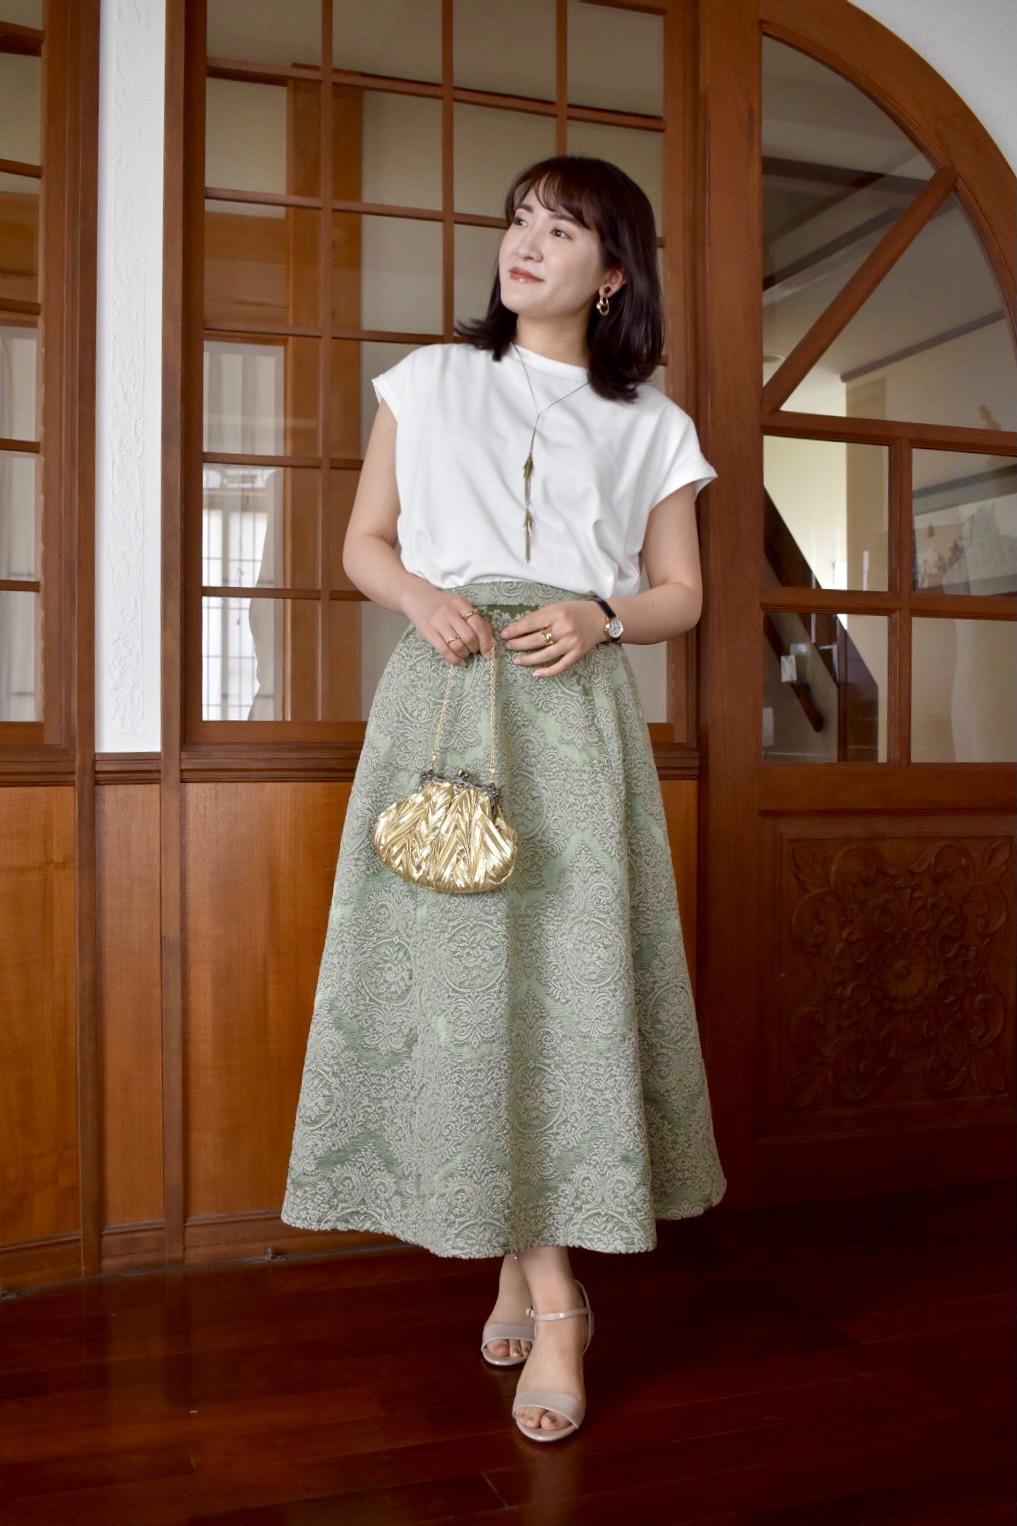 Tops:URBAN RESEARCH Skirt:vintage(CARBOOTS) Bag:vintage(Vini vini) Shoes:FURLA  生地の美しさに一目惚れして購入した若草色のジャガードスカートは、ヨーロッパのハンドメイド。優雅な印象を醸し出してくれます。こちらは丈が長かったため、仕立て直して着ています。今回はフレンチスリーブのシンプルなトップスと合わせてカジュアルダウン。ゴールドの小さなハンドバッグで仕上げました。